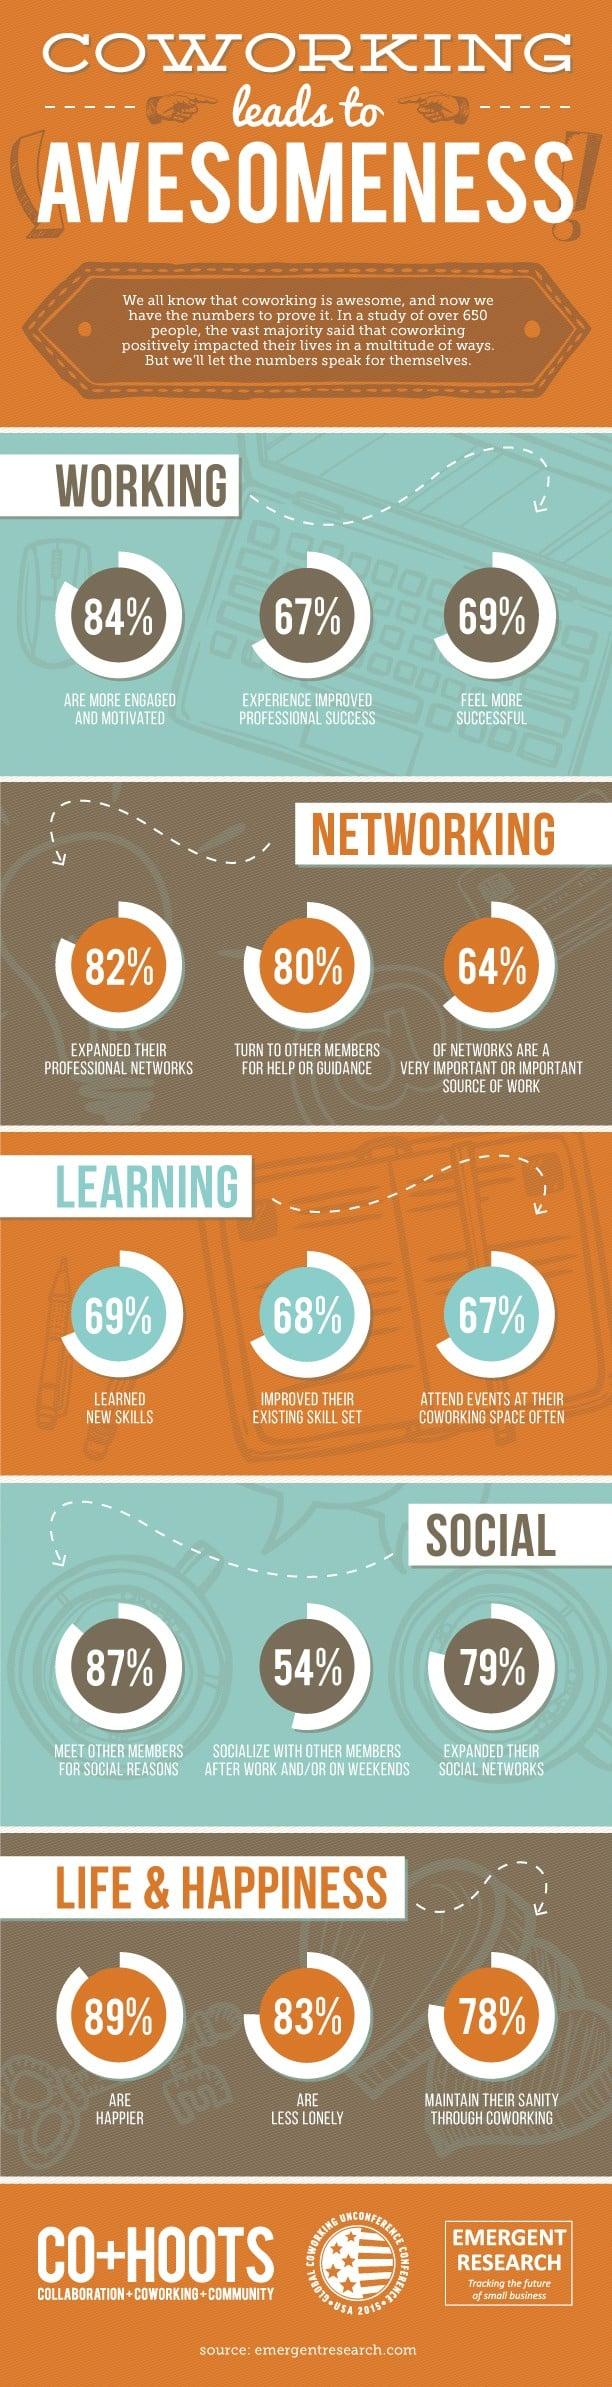 Infographie sur les avantages du coworking